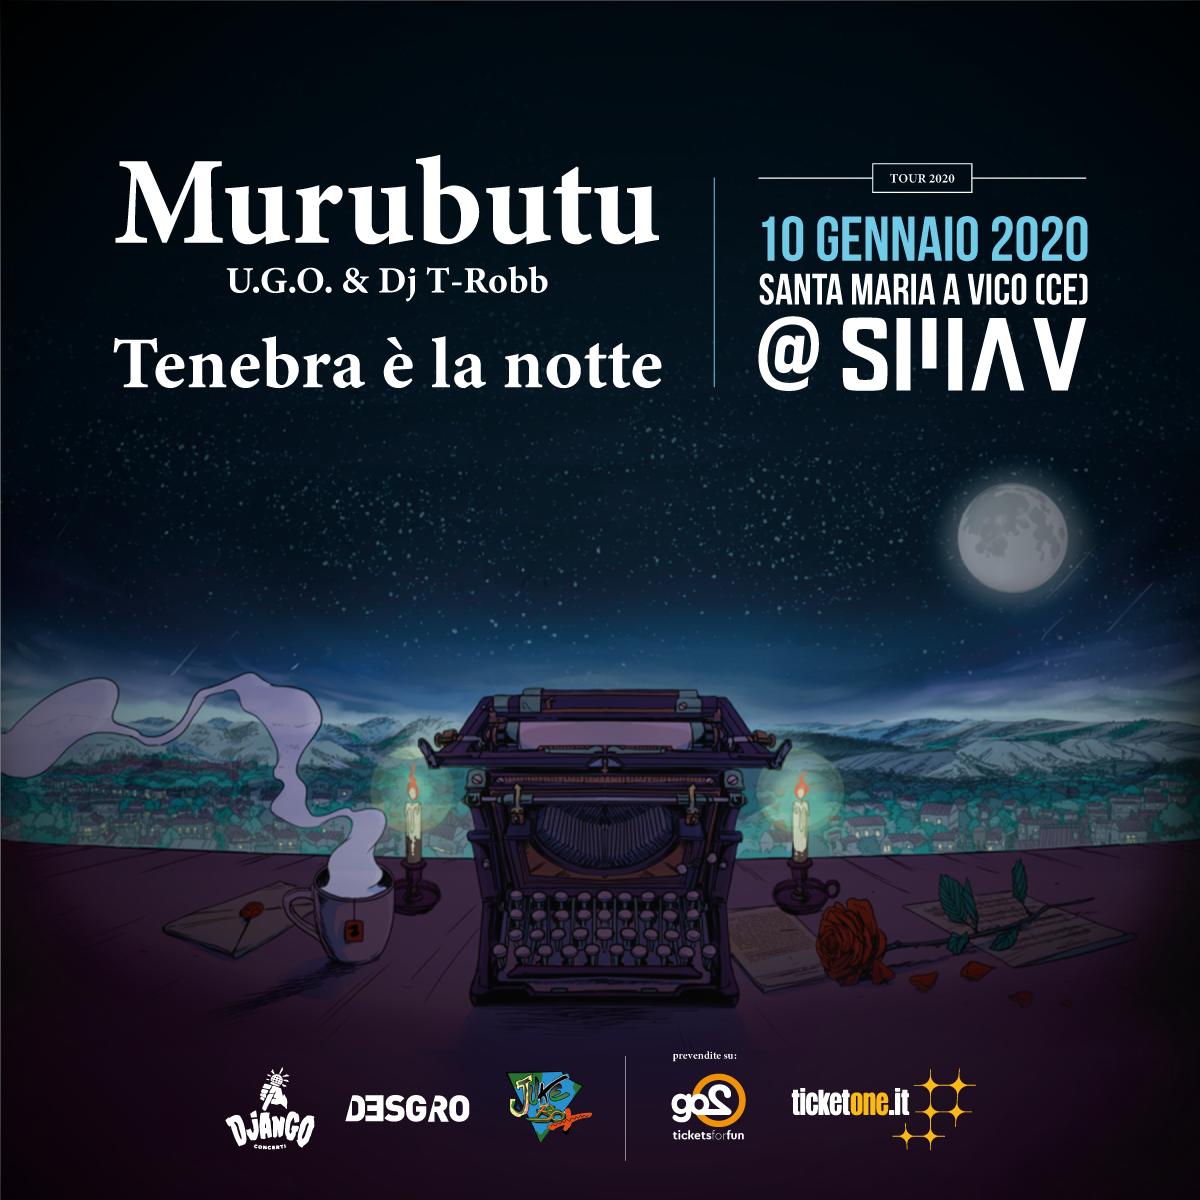 MURUBUTU tenebra è la notte tour